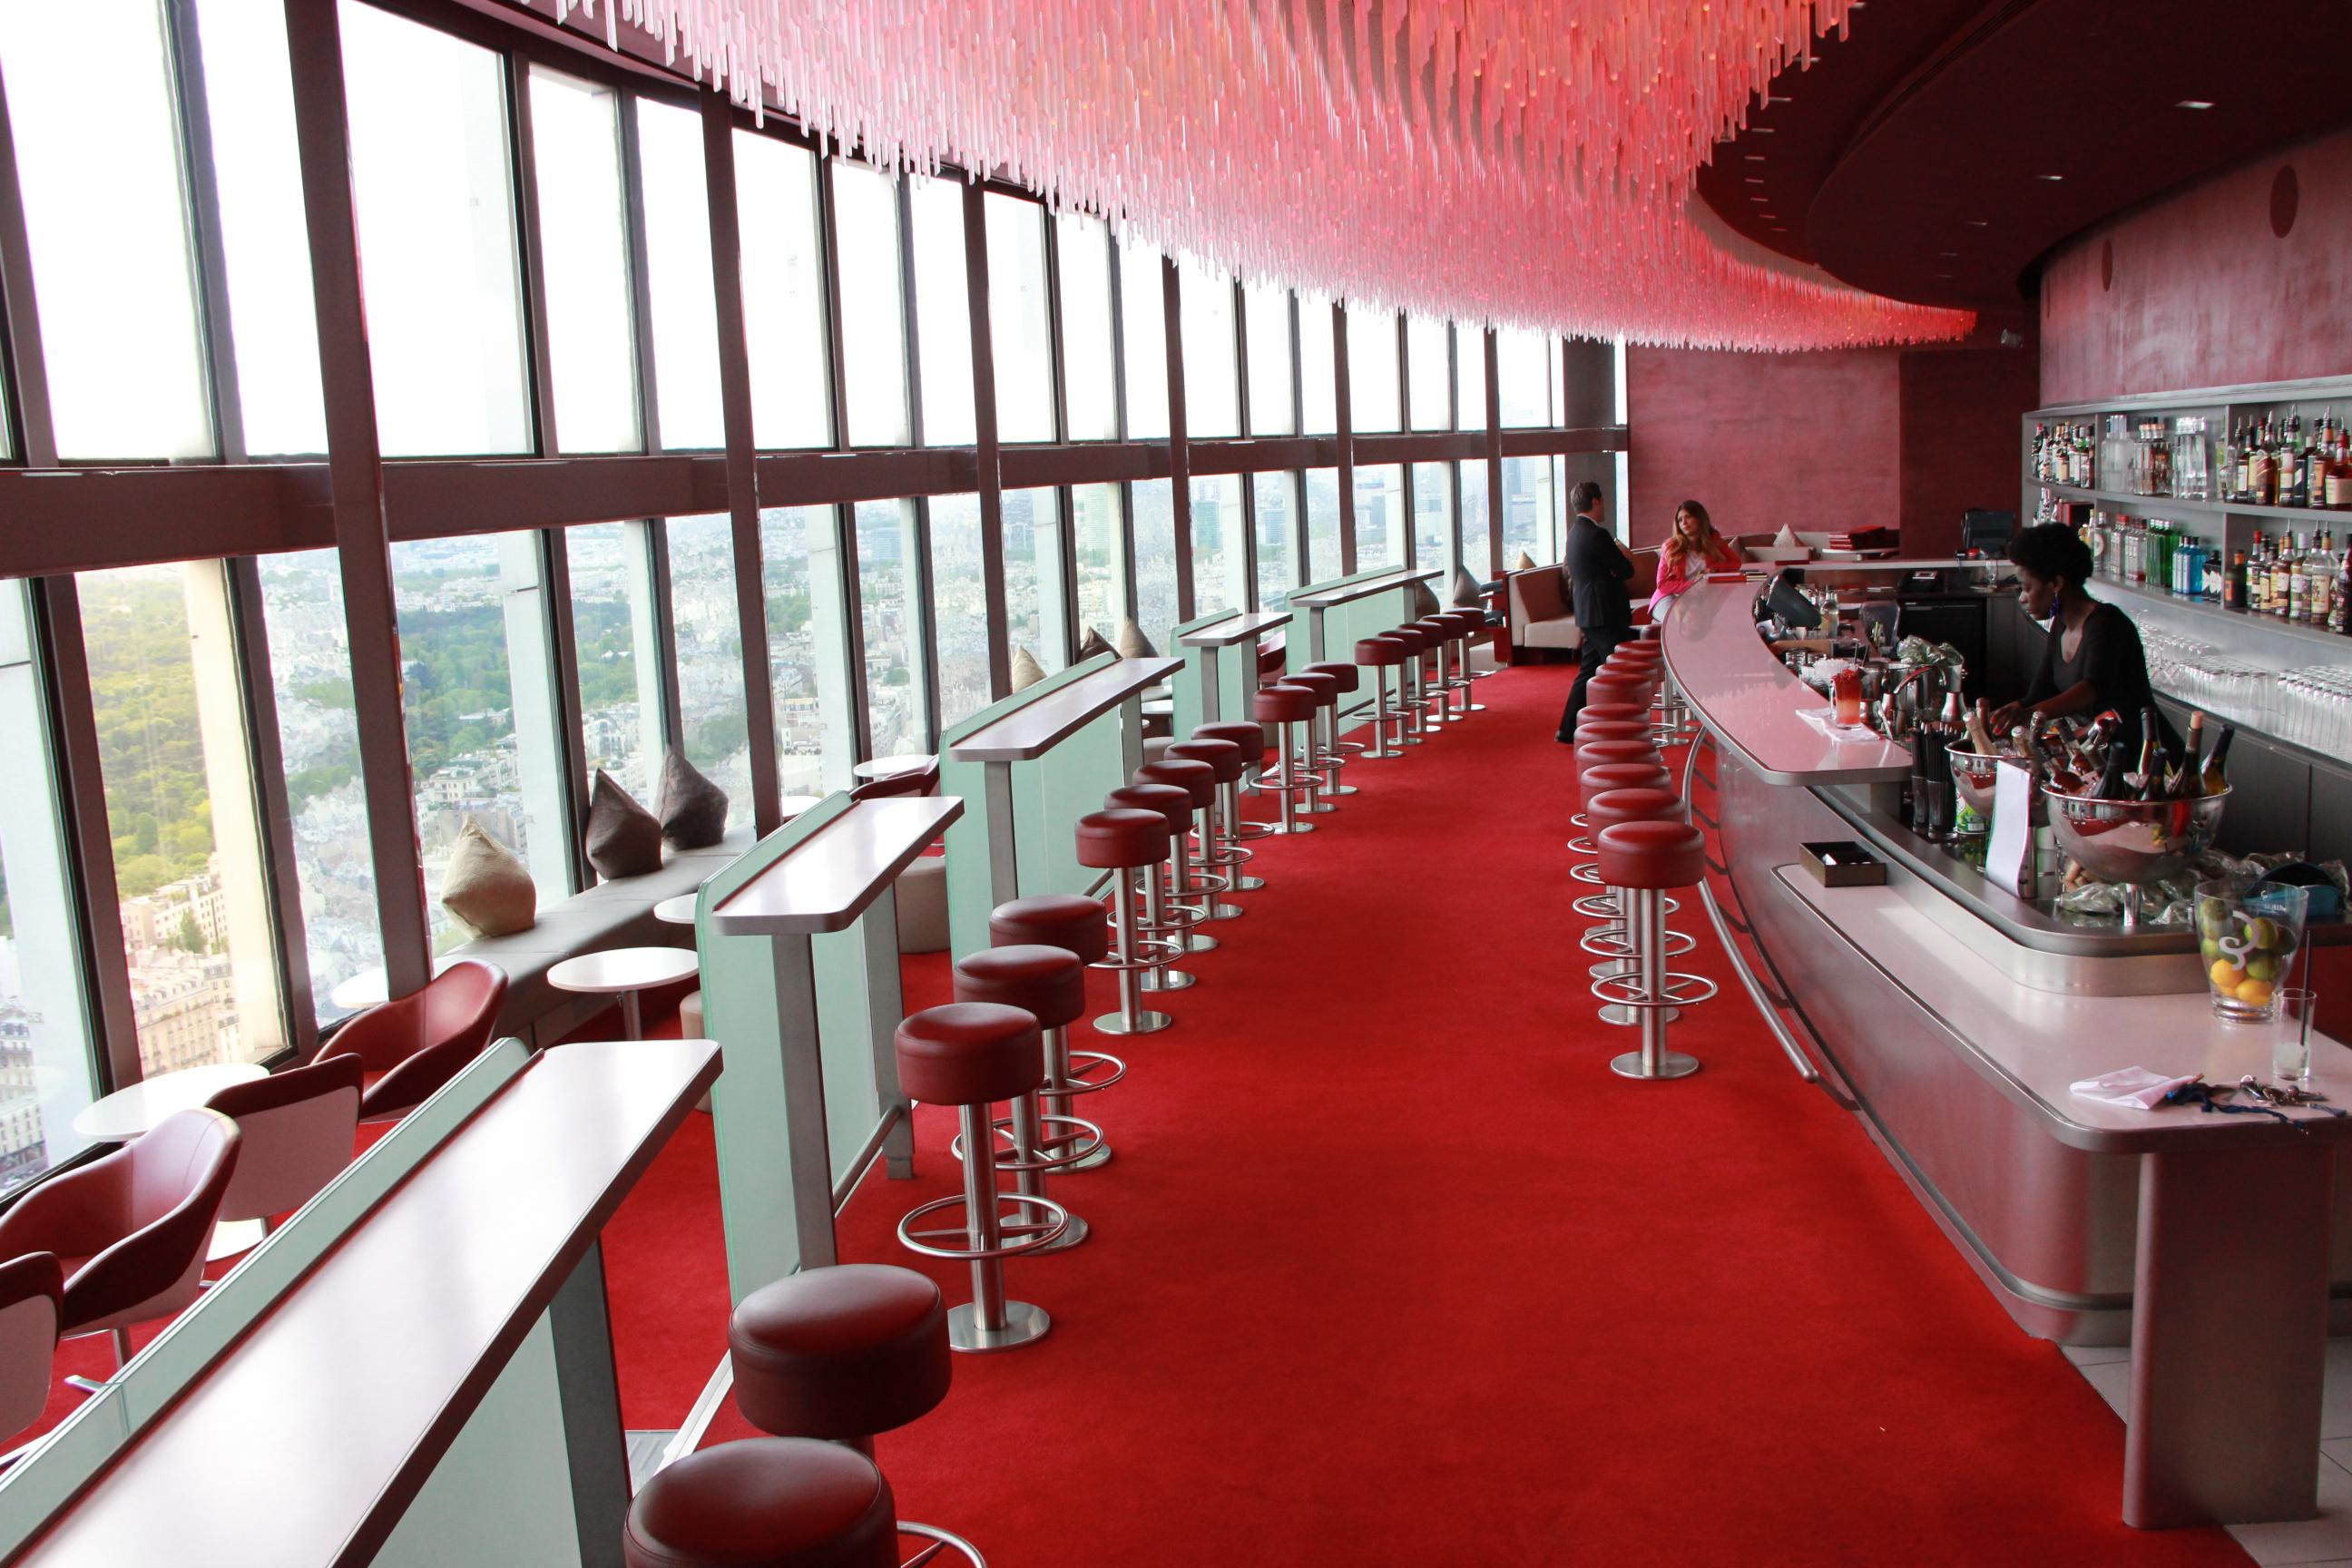 Hotel hyatt regency paris etoile visite privee firstluxe for Hotels 75017